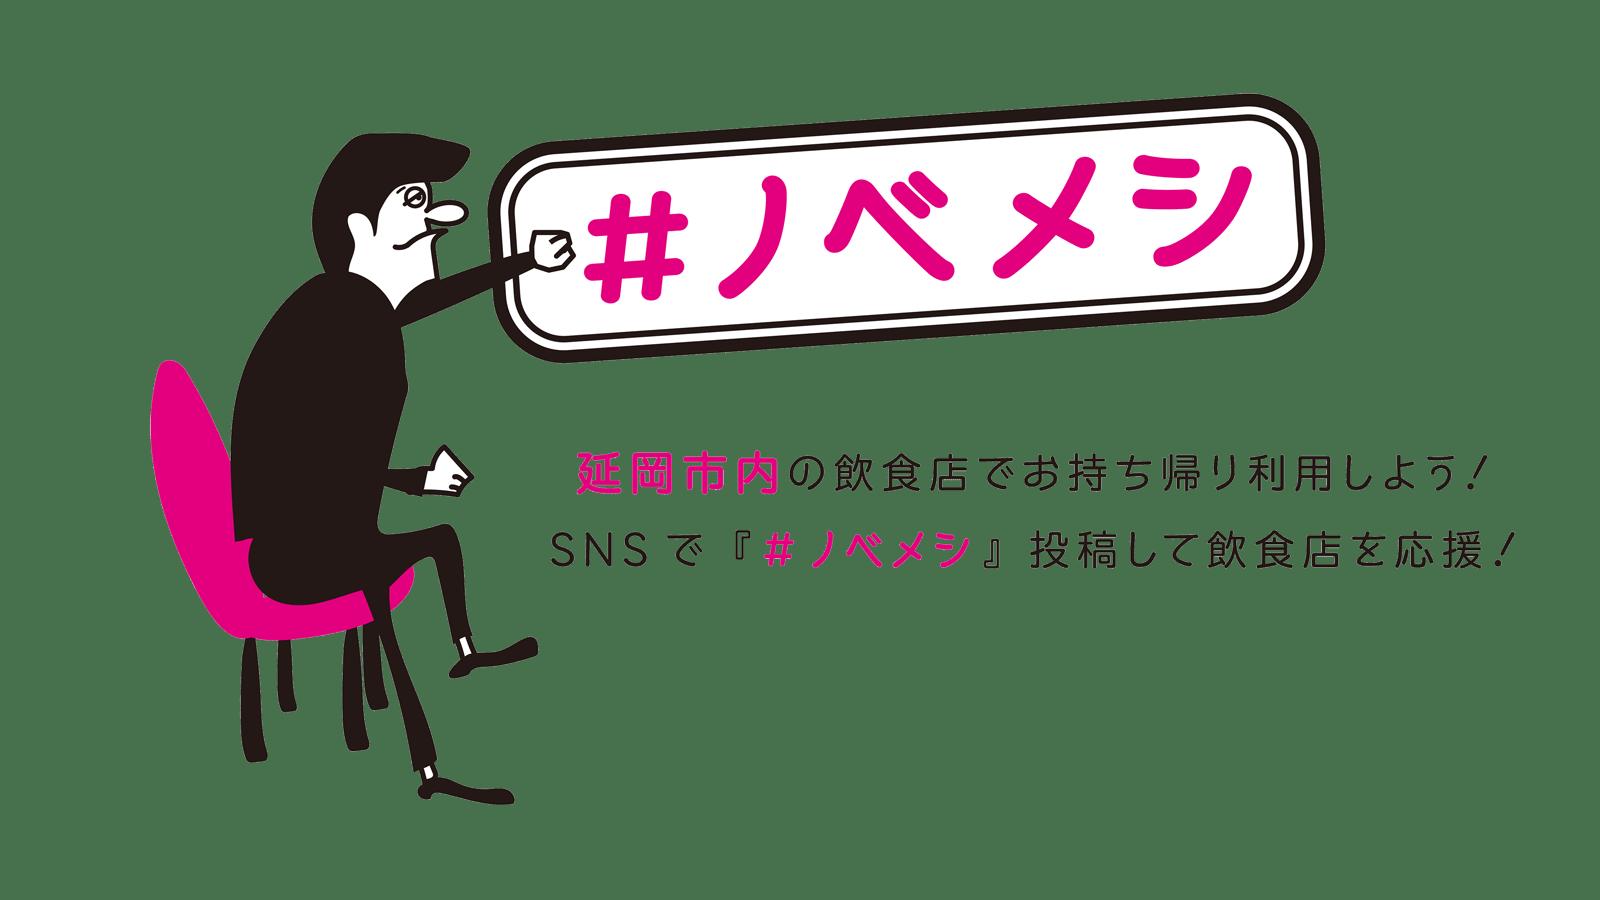 #ノベメシ 延岡市内のでお持ち帰りを利用しよう!